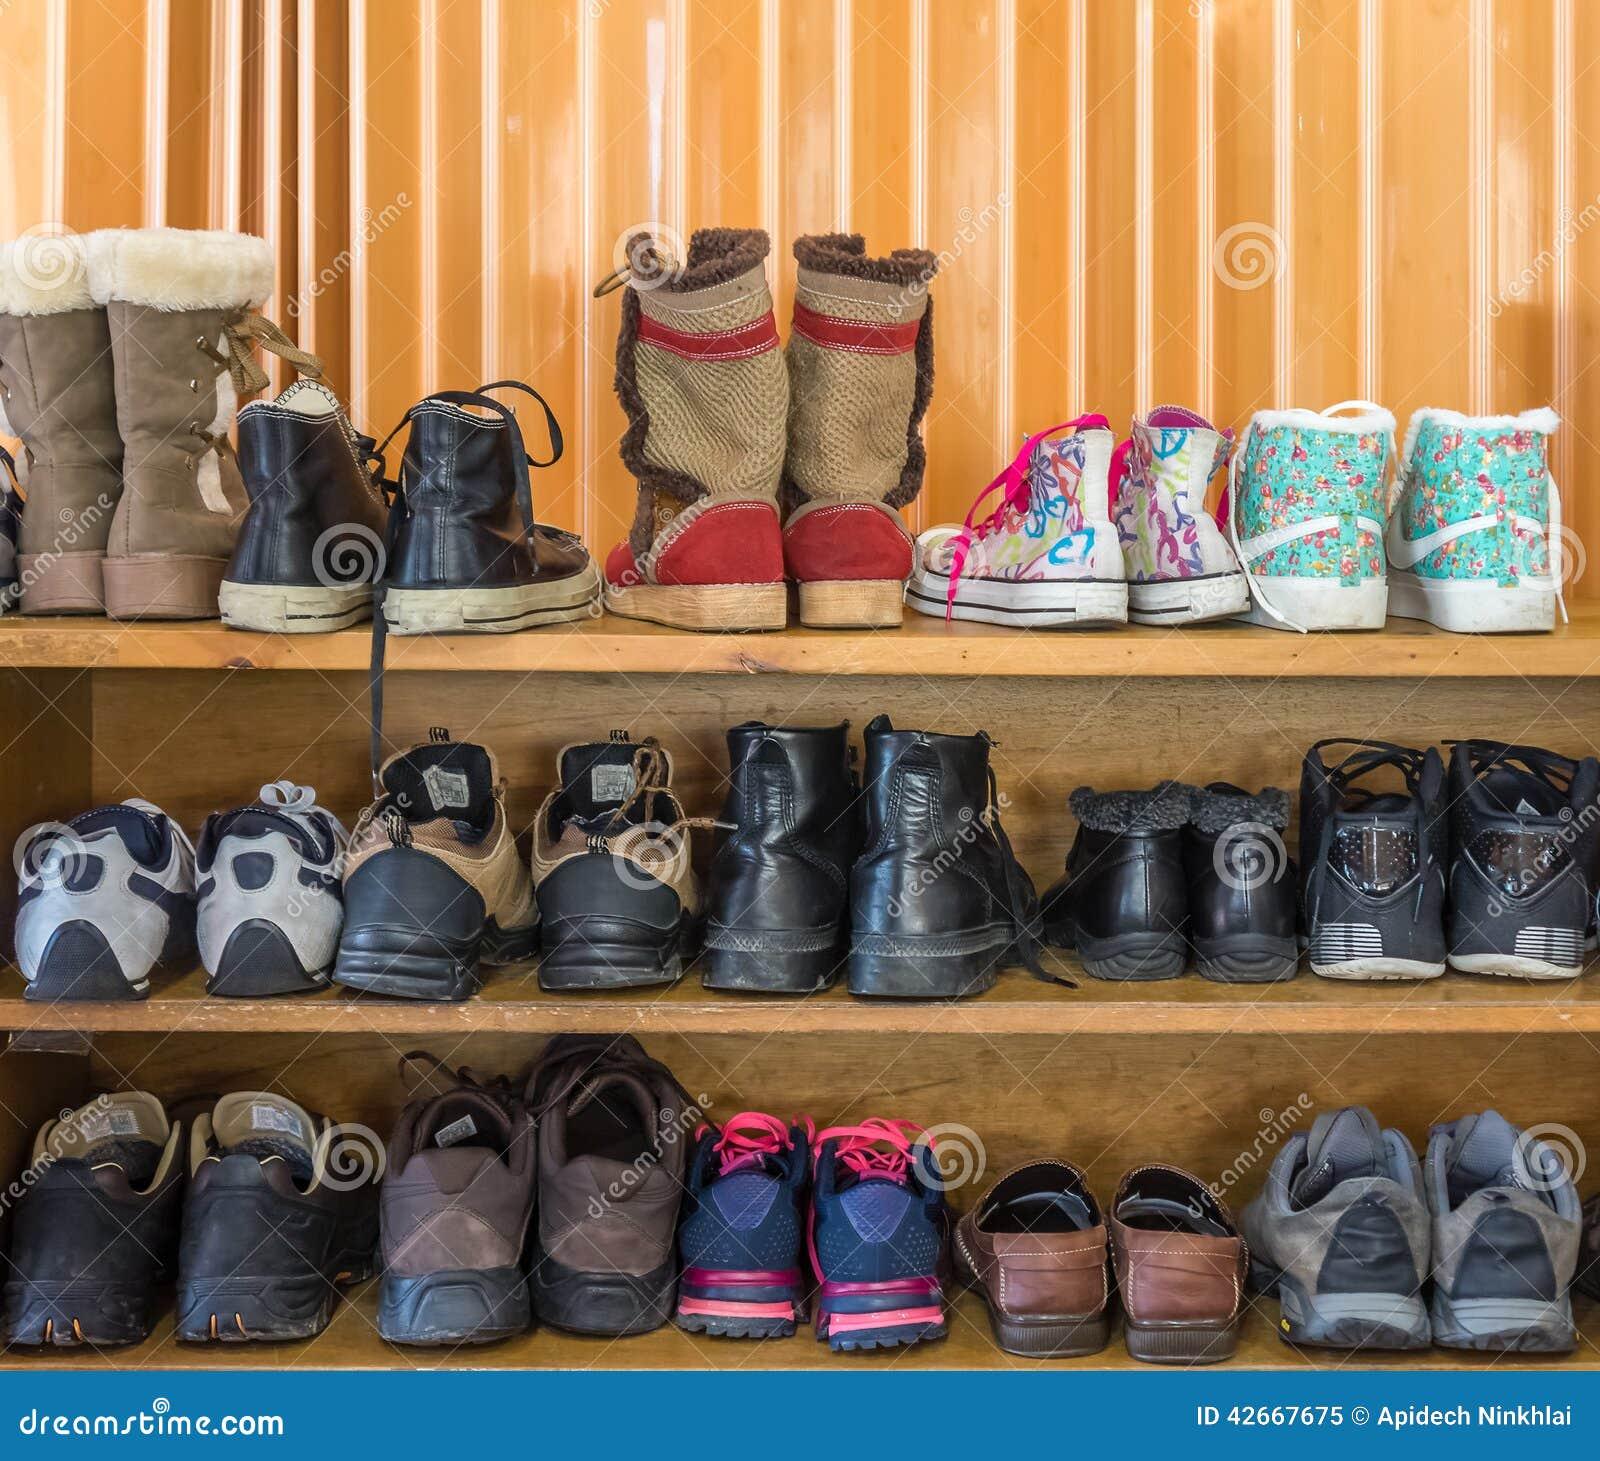 Ботинки на полке в крытом